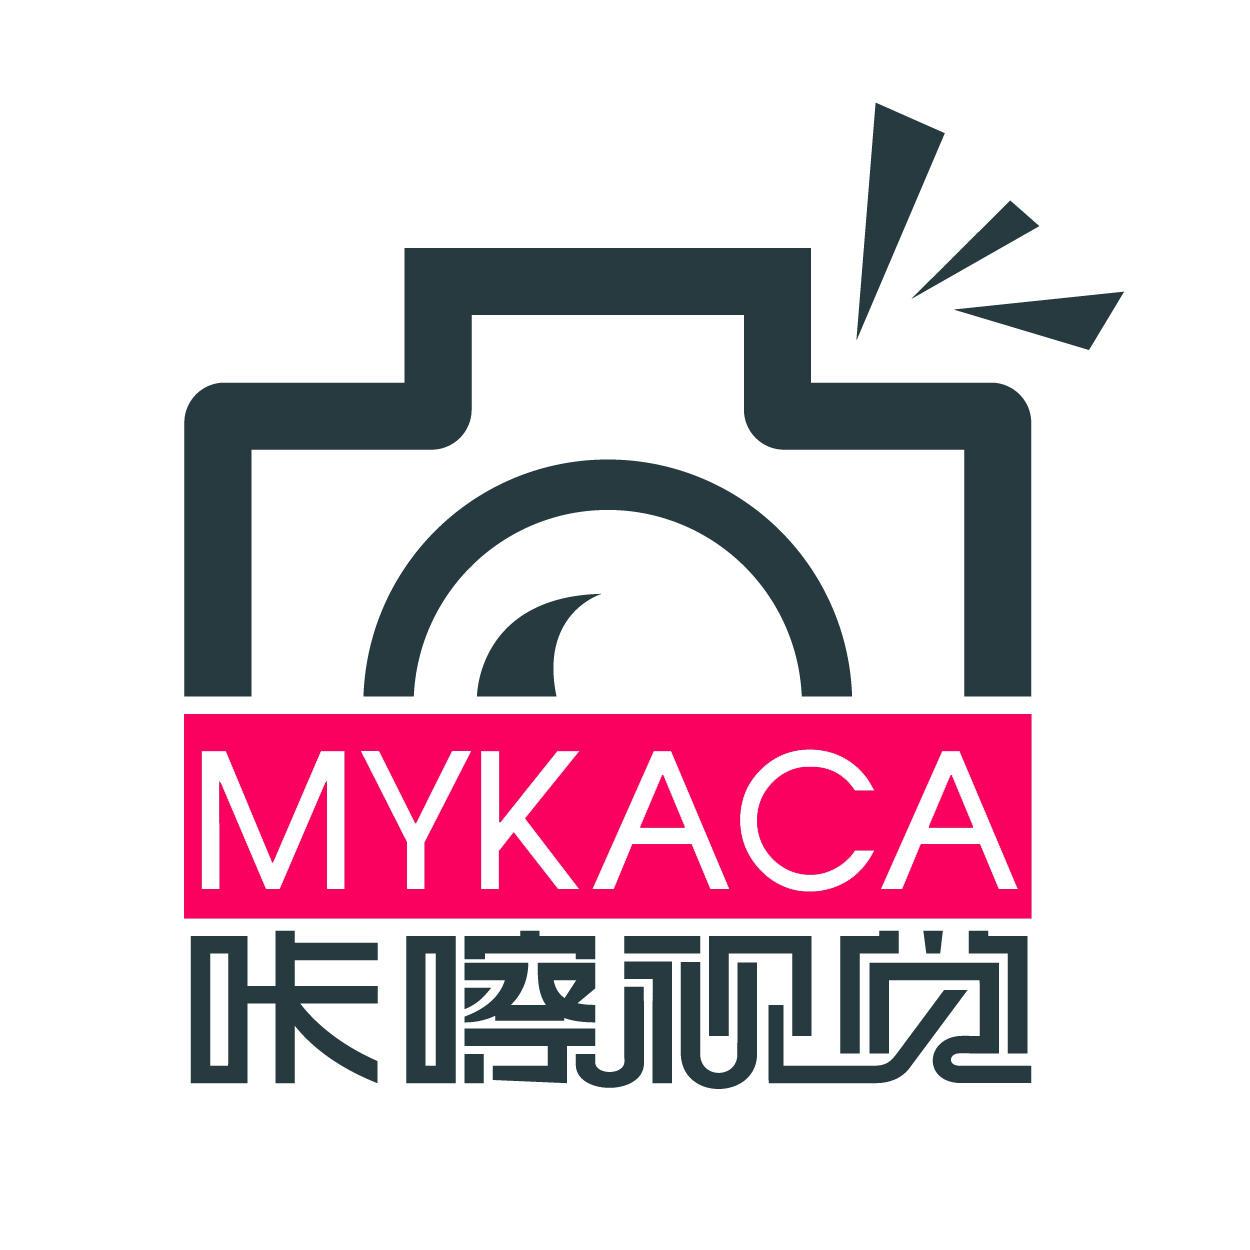 咔嚓视觉KACA STUDIO